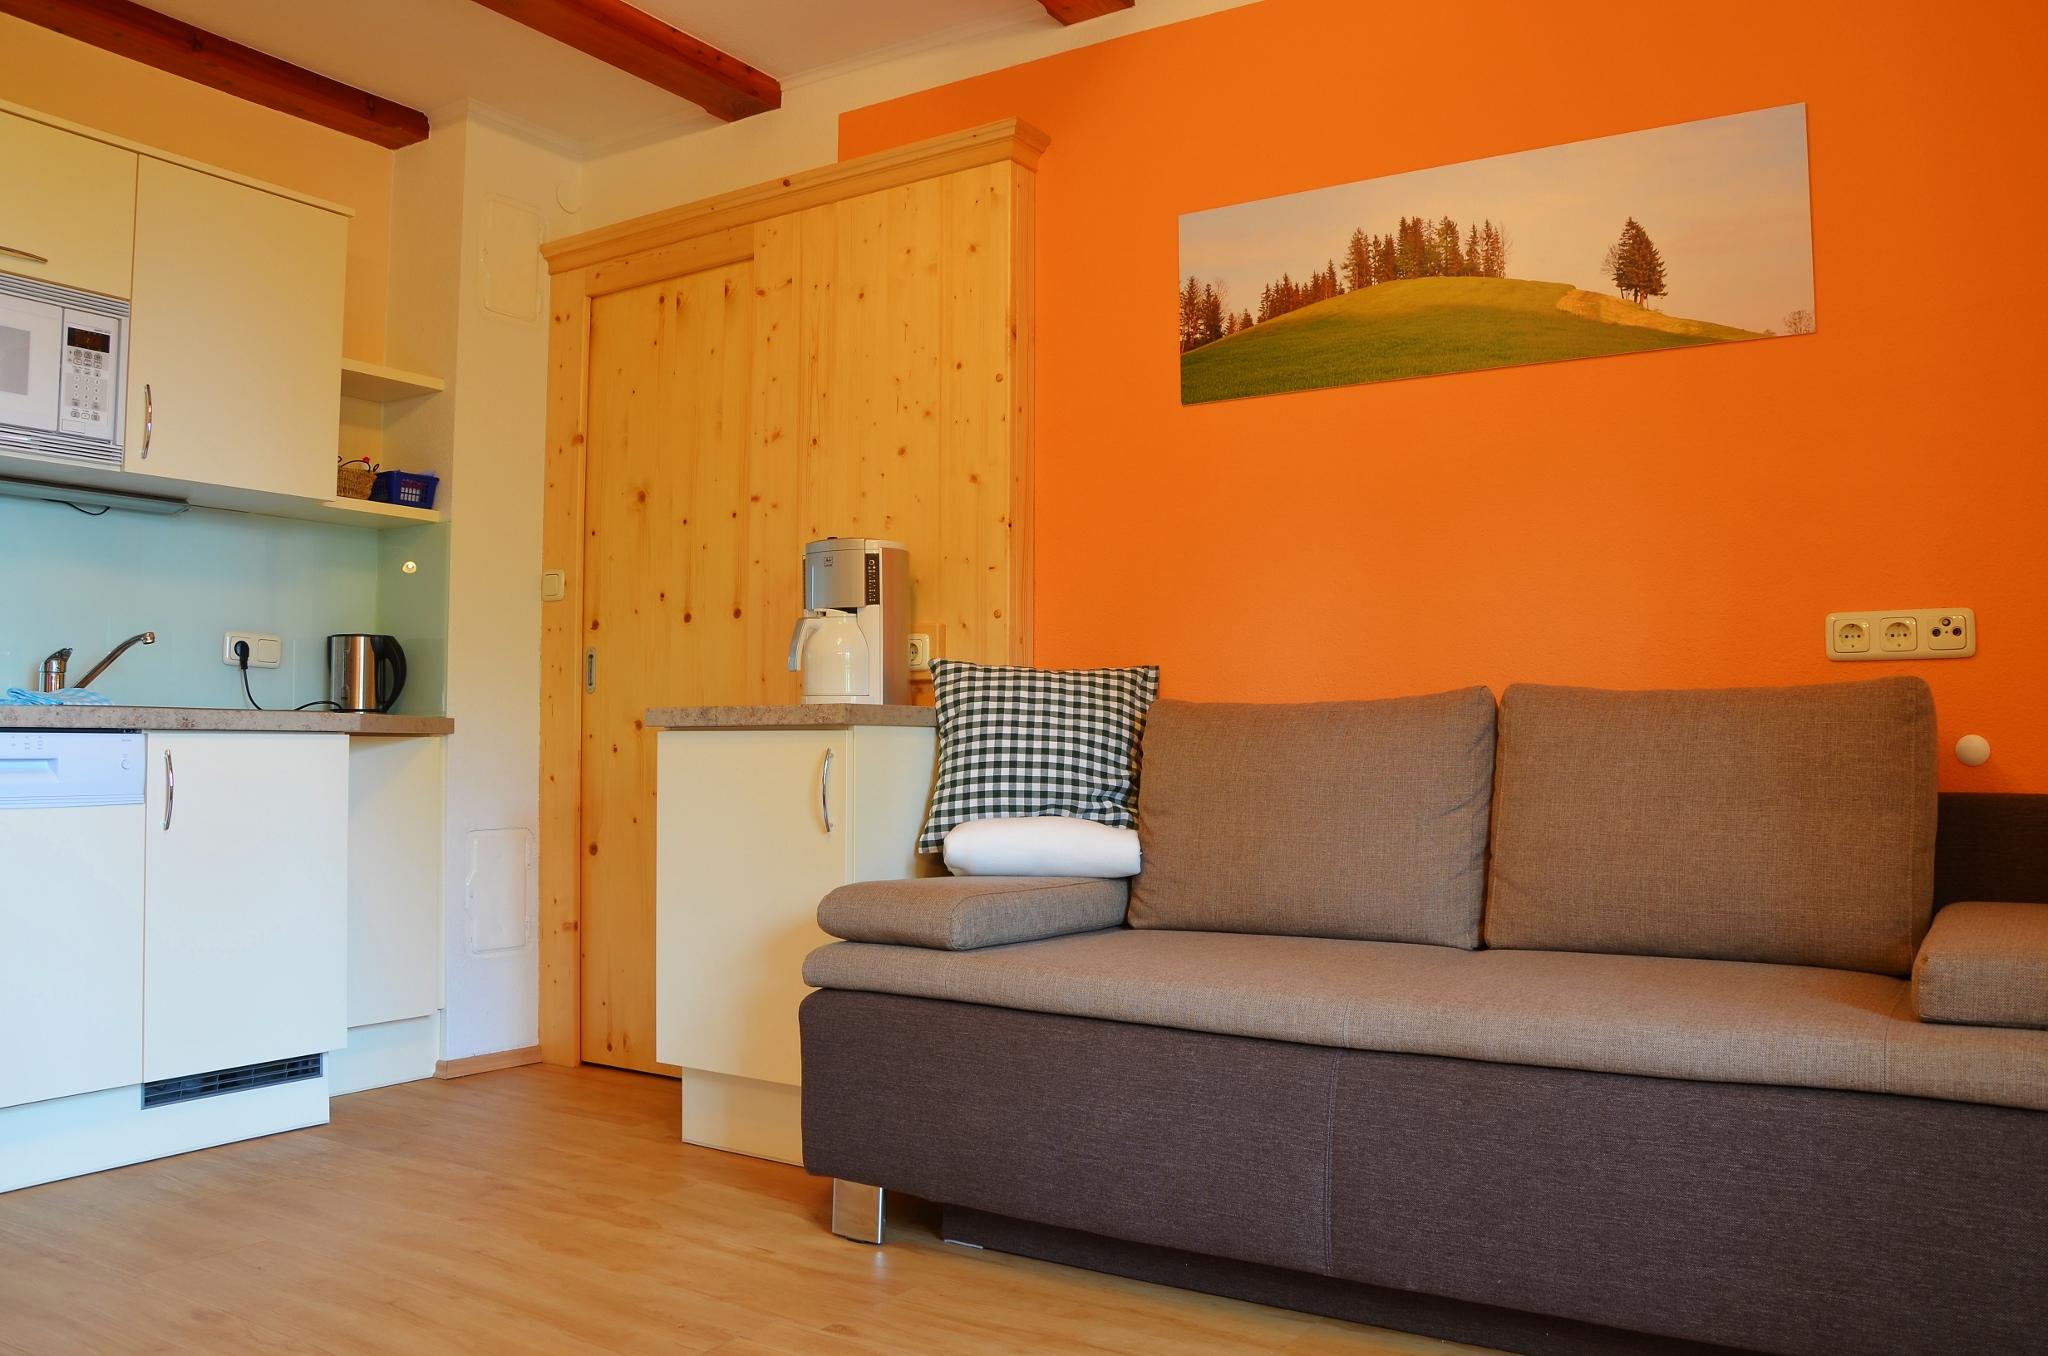 Wohnkuche Mit Sofa Zum Relaxen Und Tv In Der Ferienwohnung